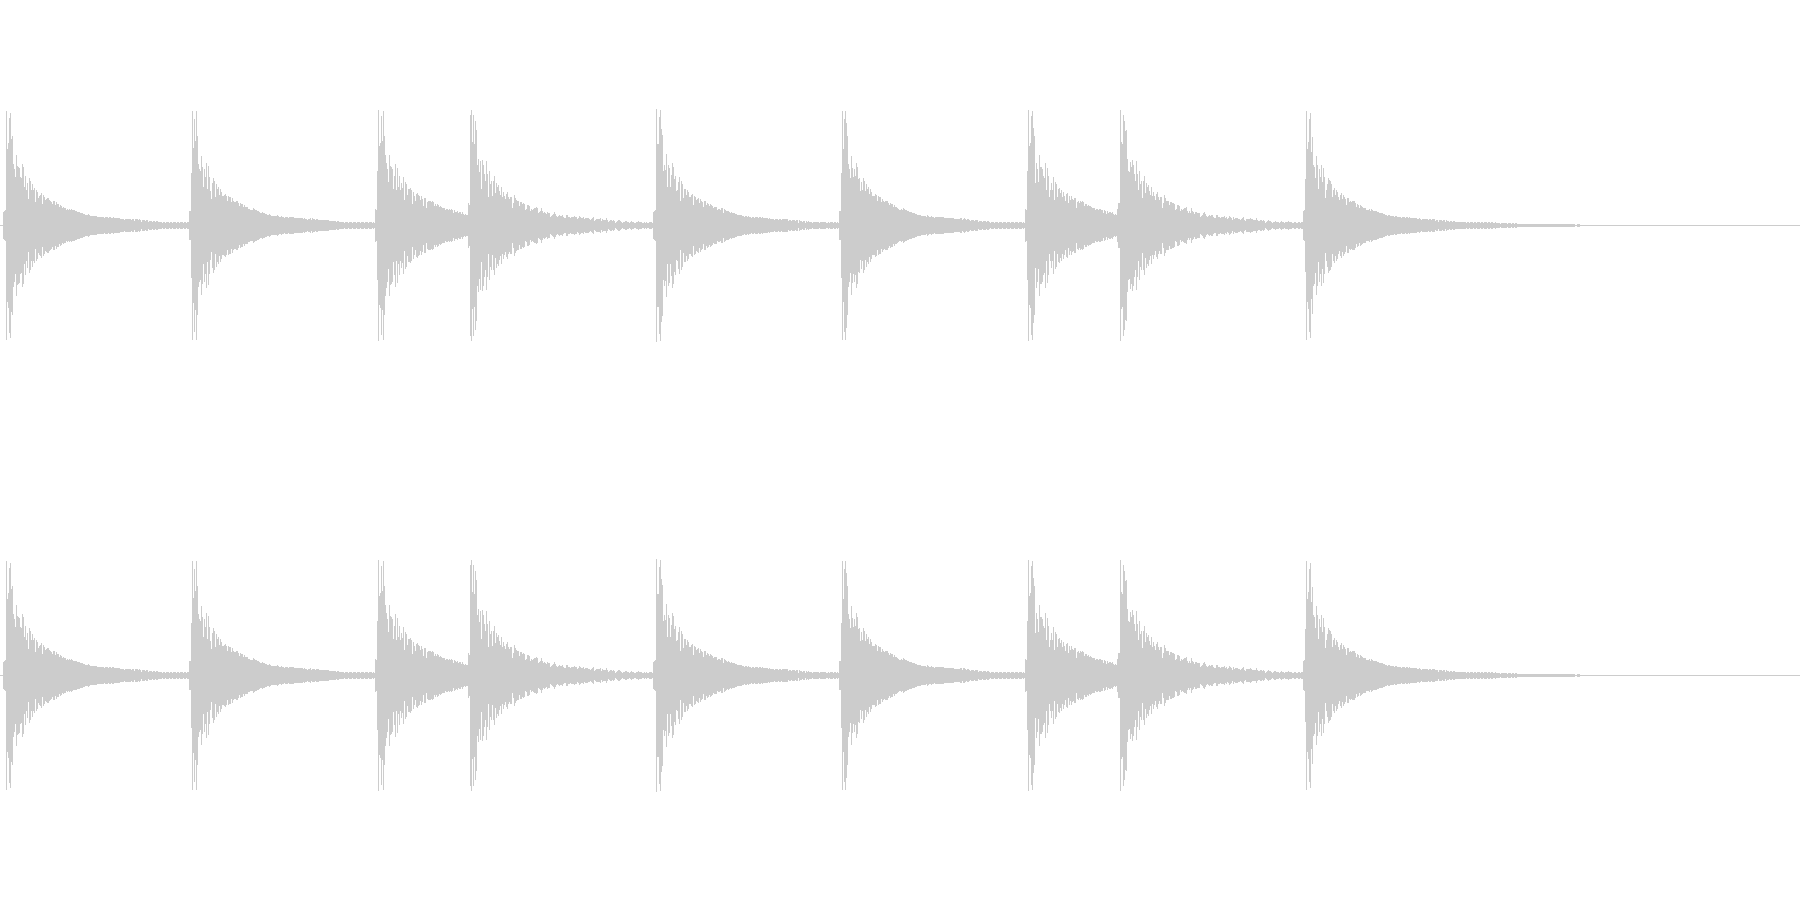 三味線のジングルの未再生の波形